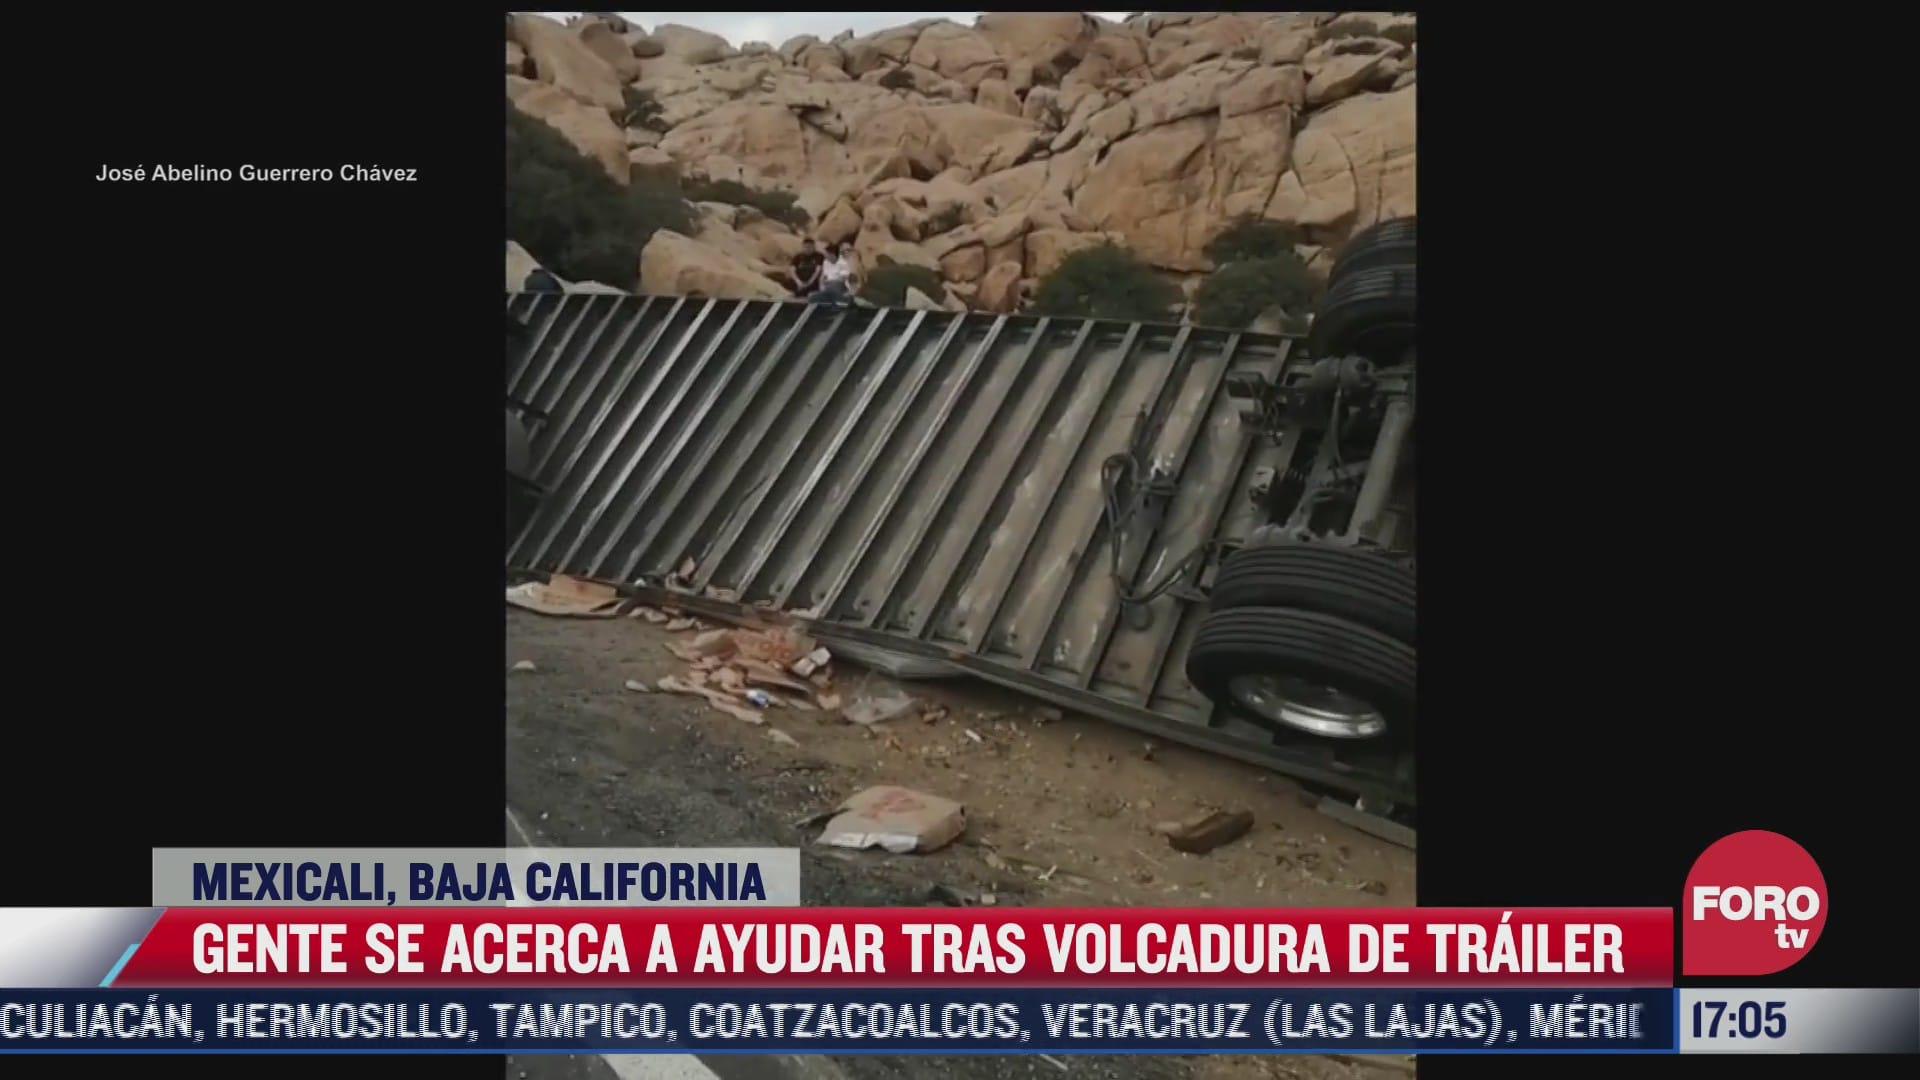 gente se acerca a ayudar tras volcadura de trailer en mexicali